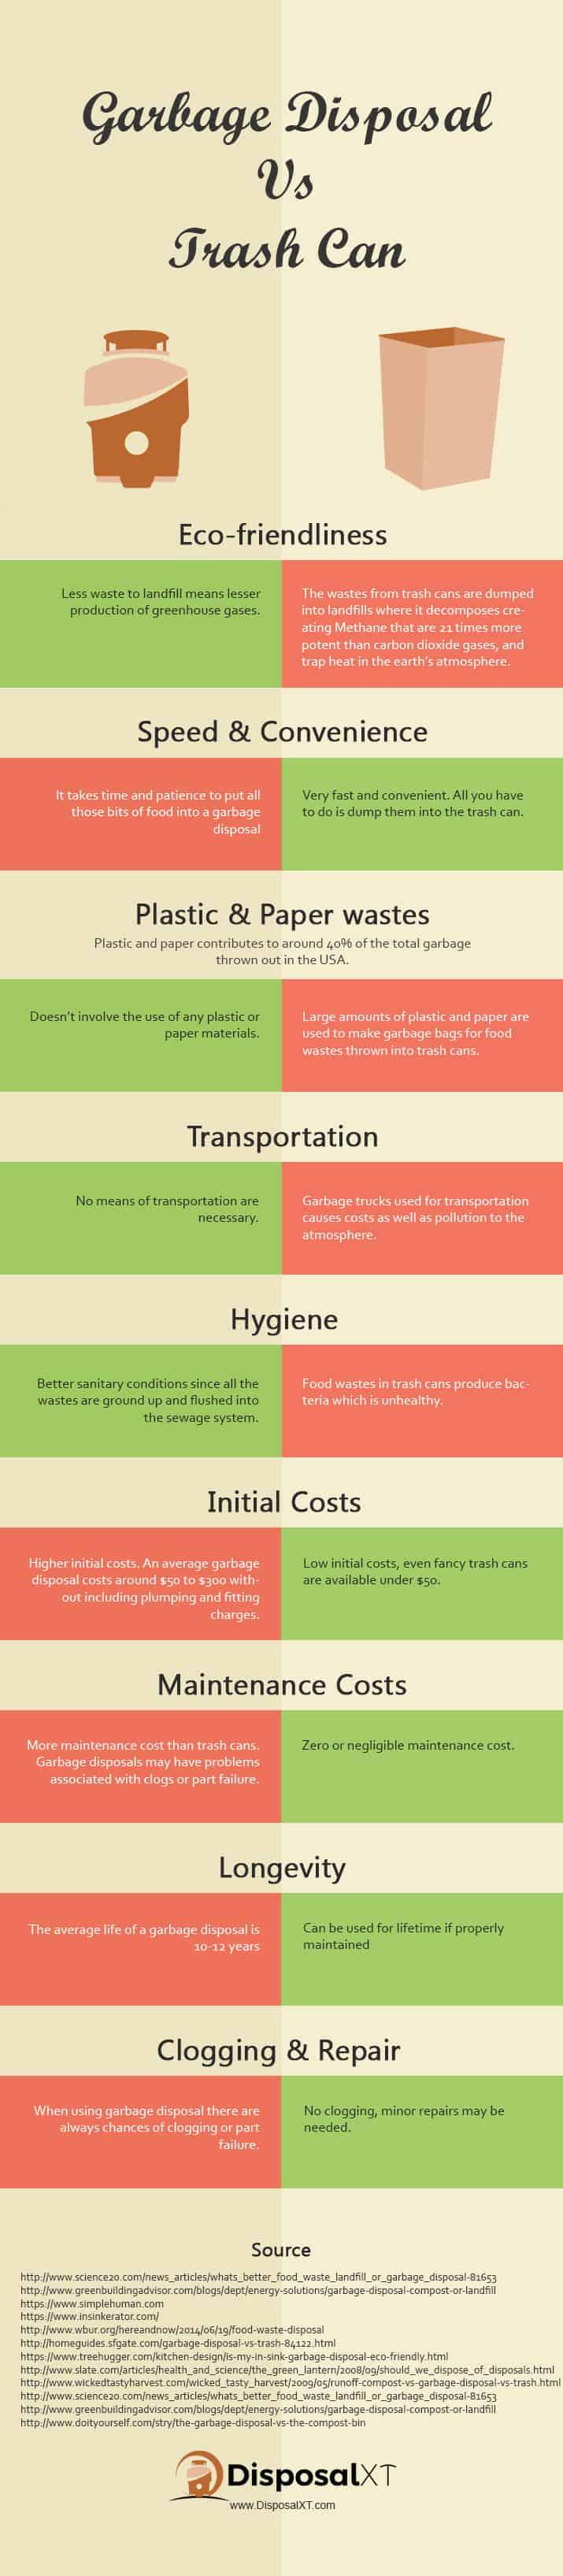 Garbage disposal vs trashcan